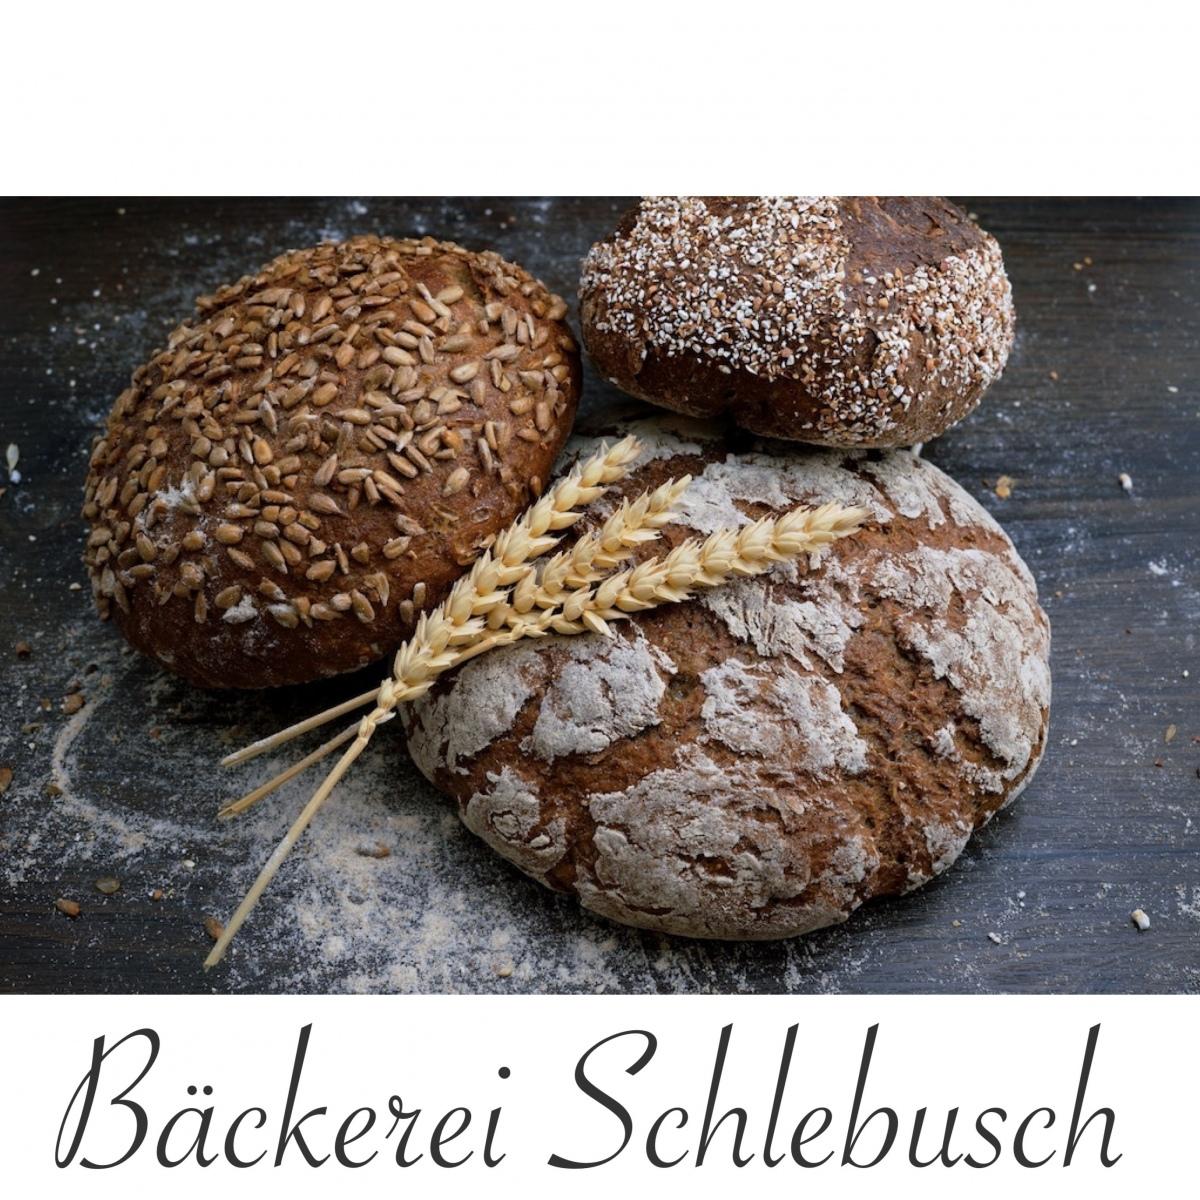 baeckerei-schlebusch